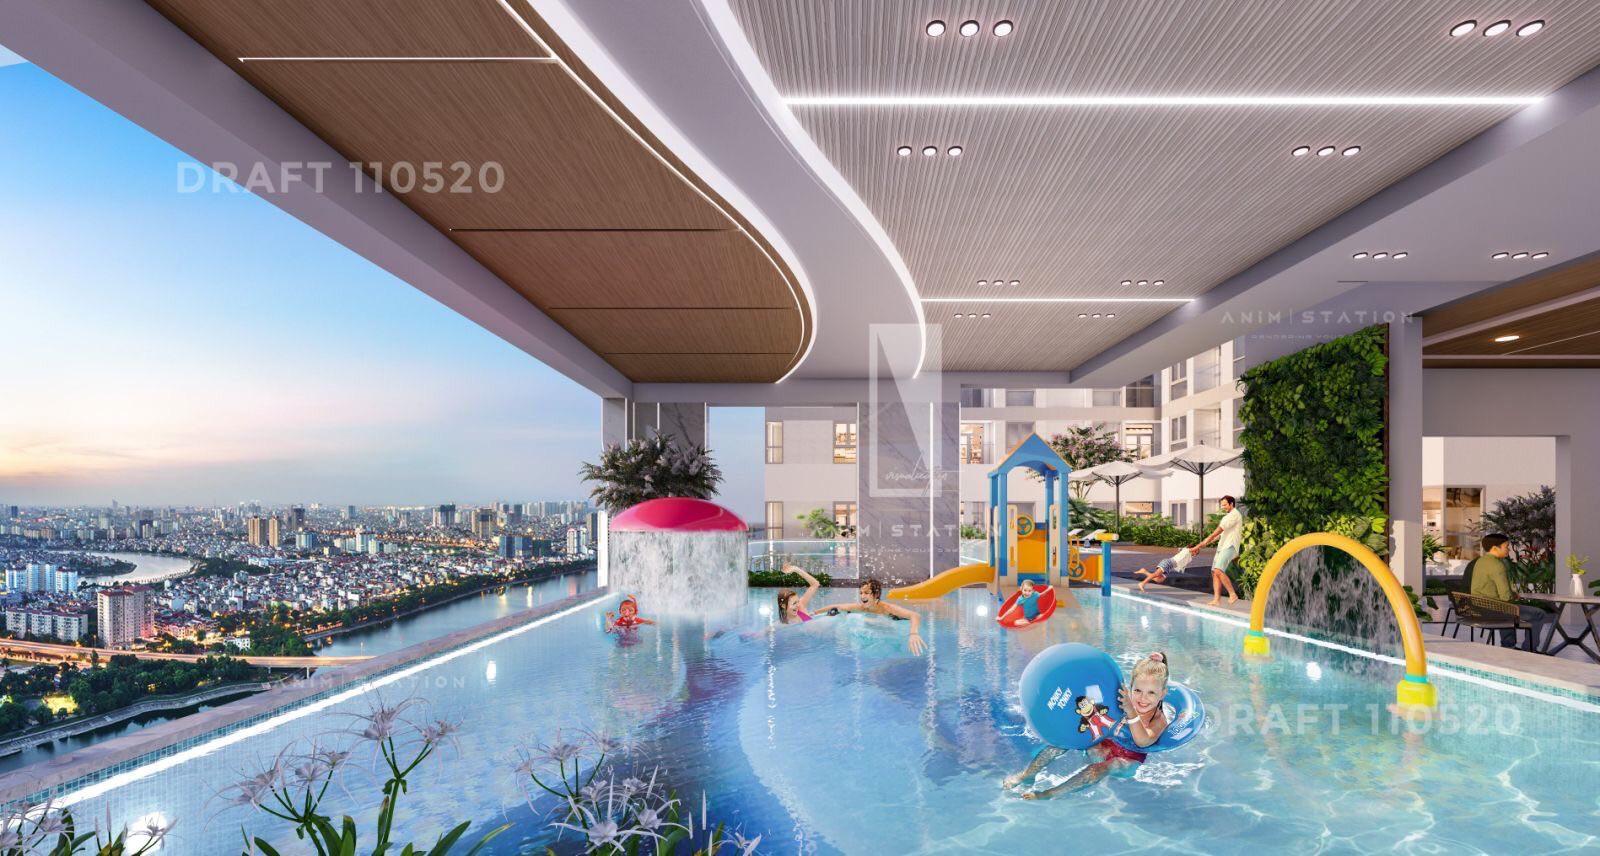 Khu hồ bơi dành cho trẻ em rộng thoáng